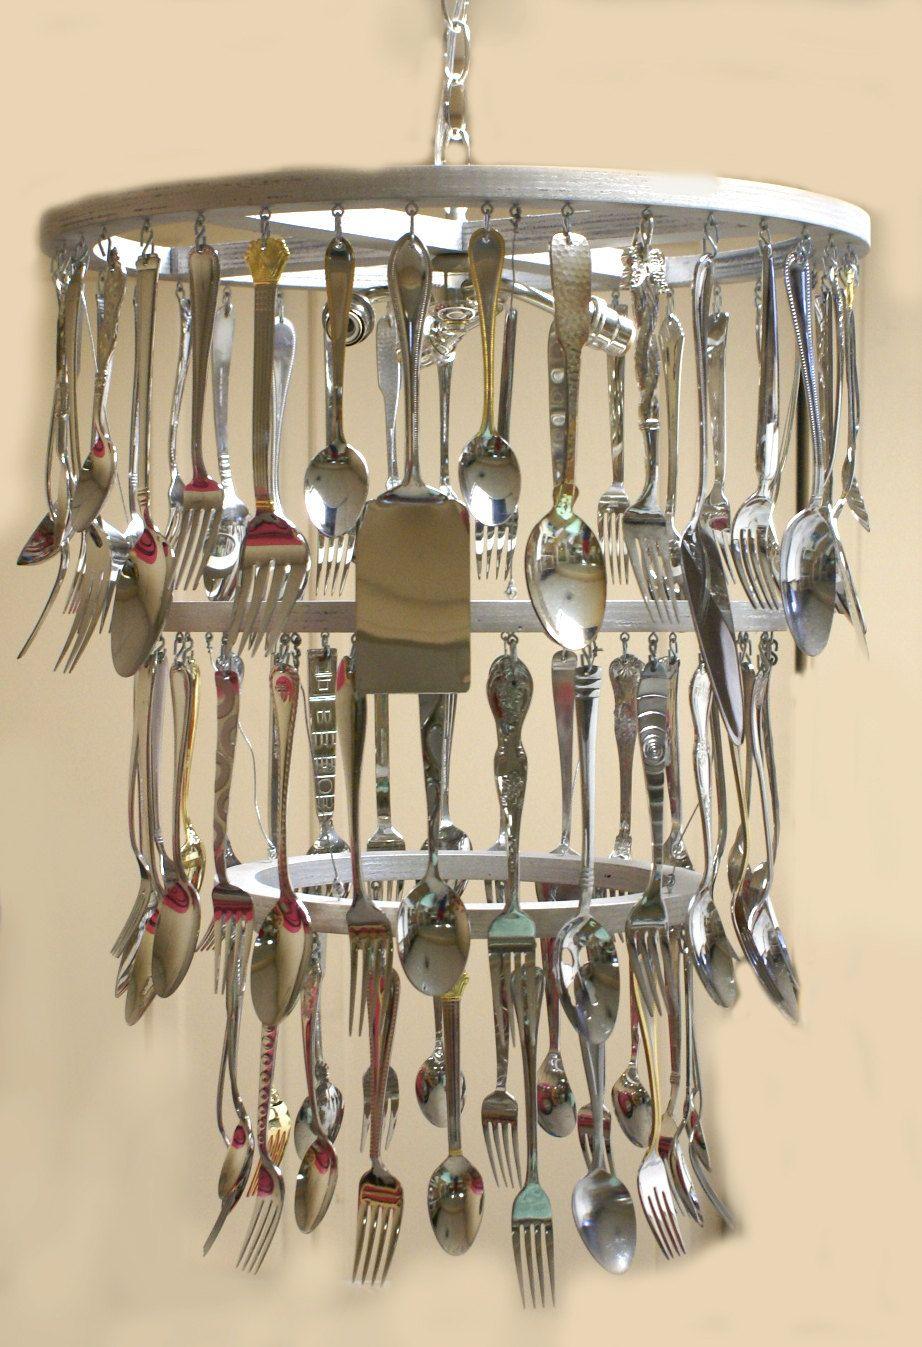 Custom Silverware Chandelier Made With Kitchen Utensils